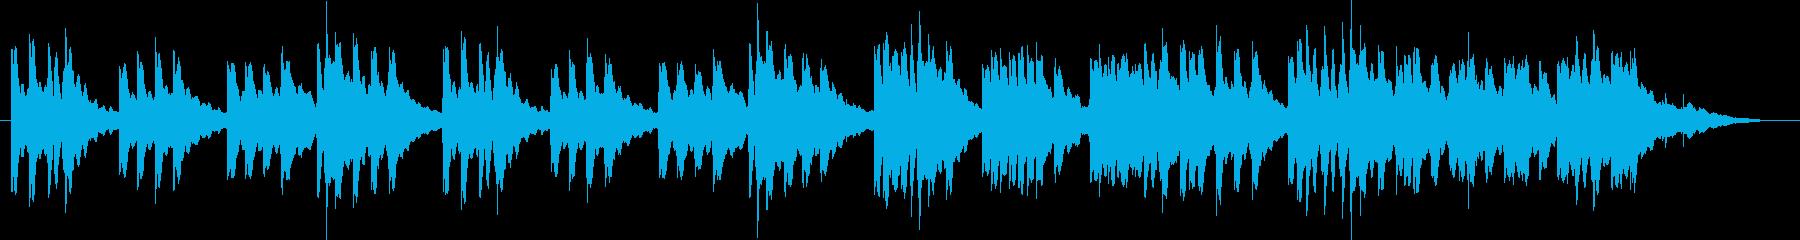 落ち着くオルゴールの再生済みの波形